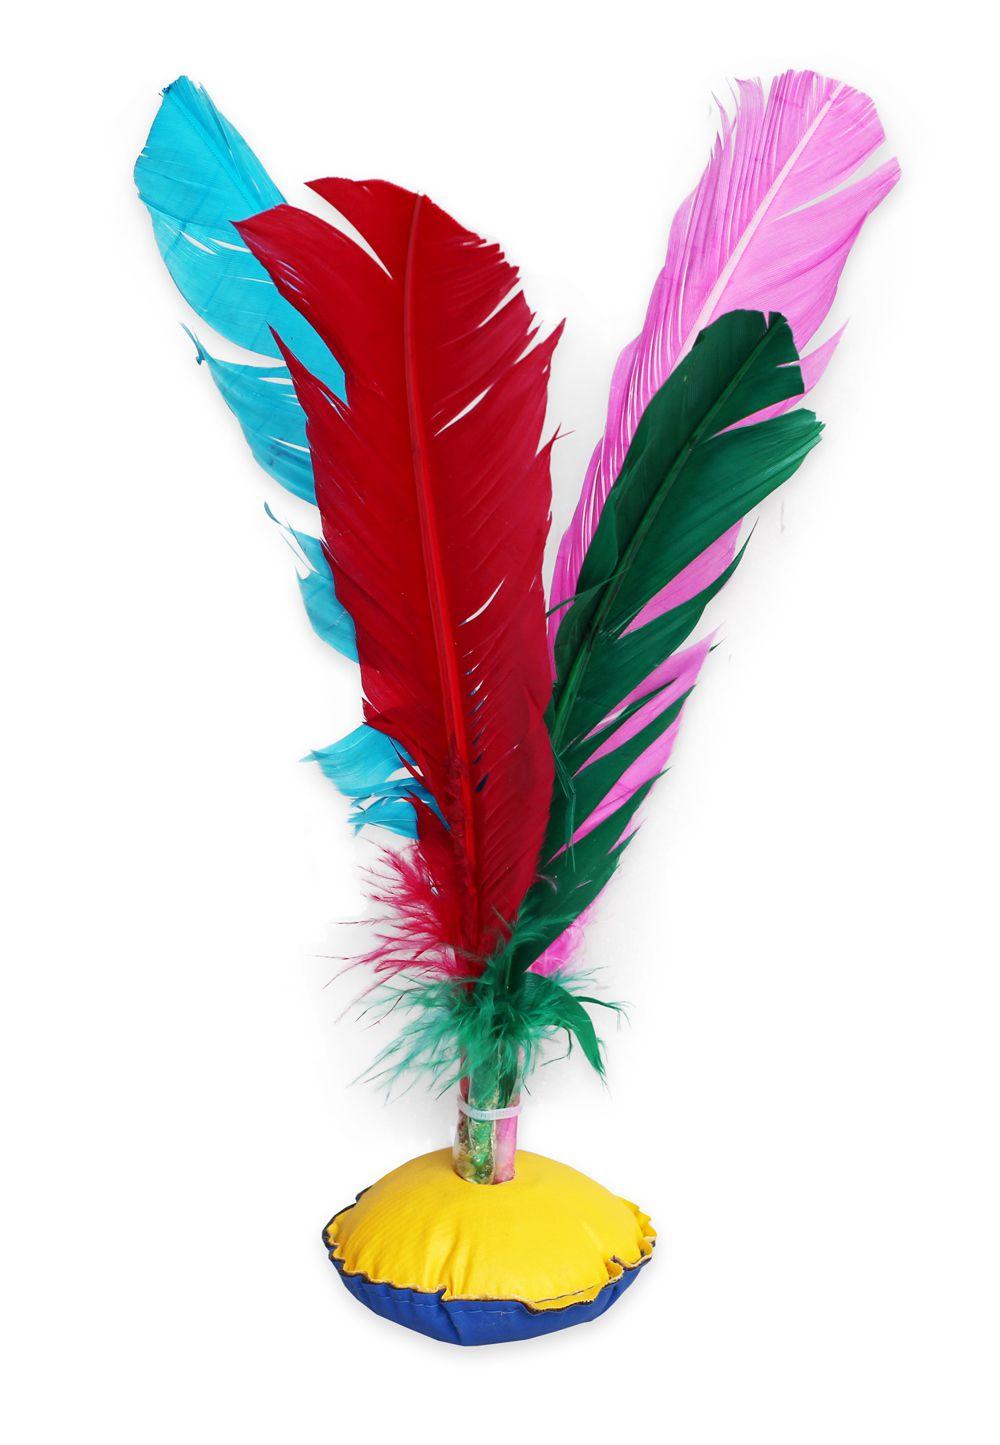 Peteca Grande com Penas Coloridas